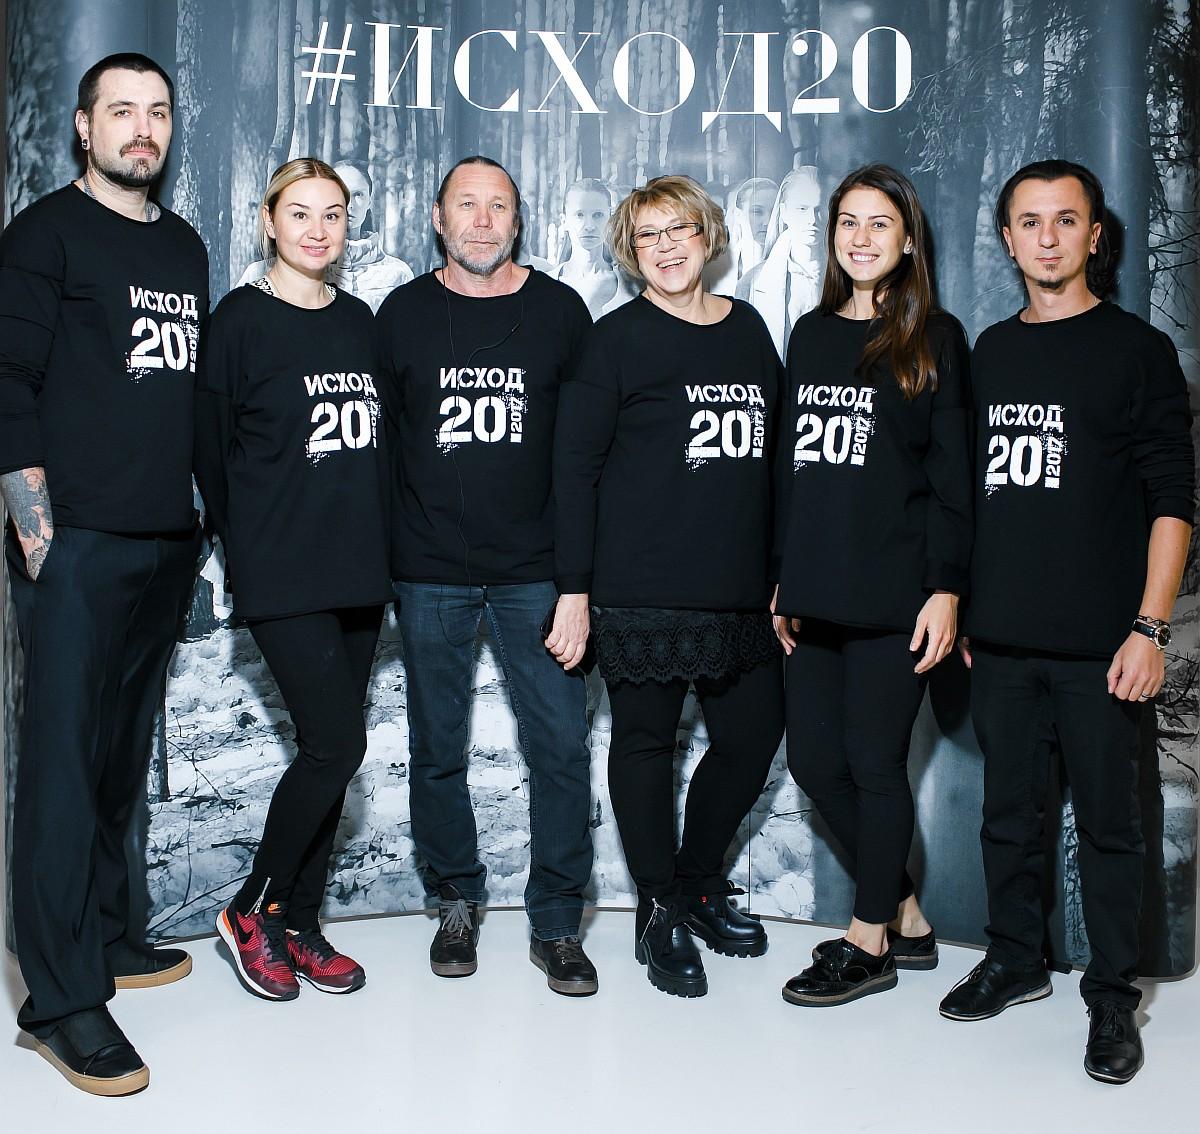 Состоялась презентация коллекции FW1718 дизайнера Яны Недзвецкой в короткометражном фильме Исход 20